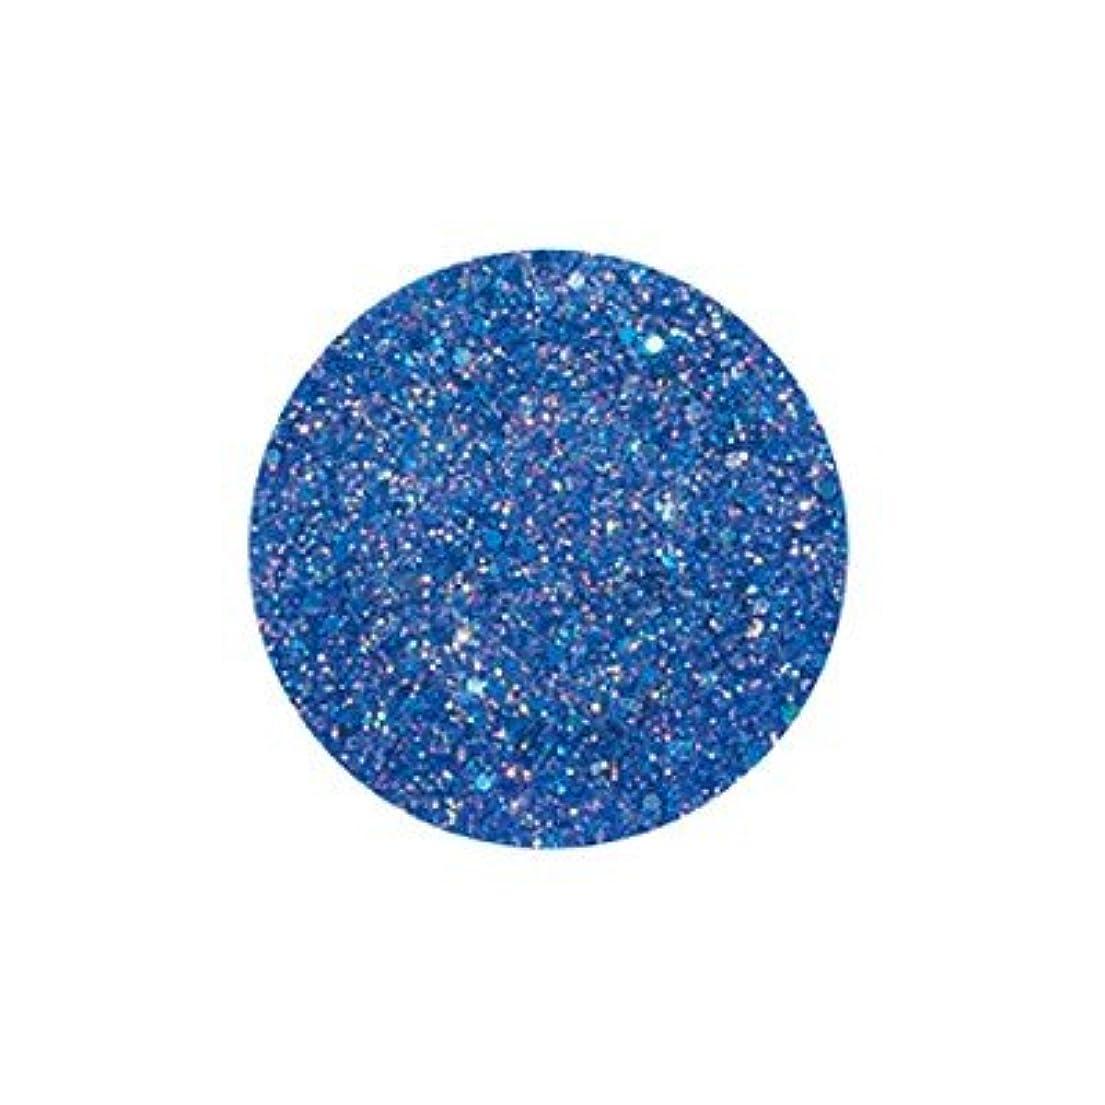 非効率的なかもめアルファベットFANTASY NAIL ダイヤモンドコレクション 3g 4263XS カラーパウダー アート材